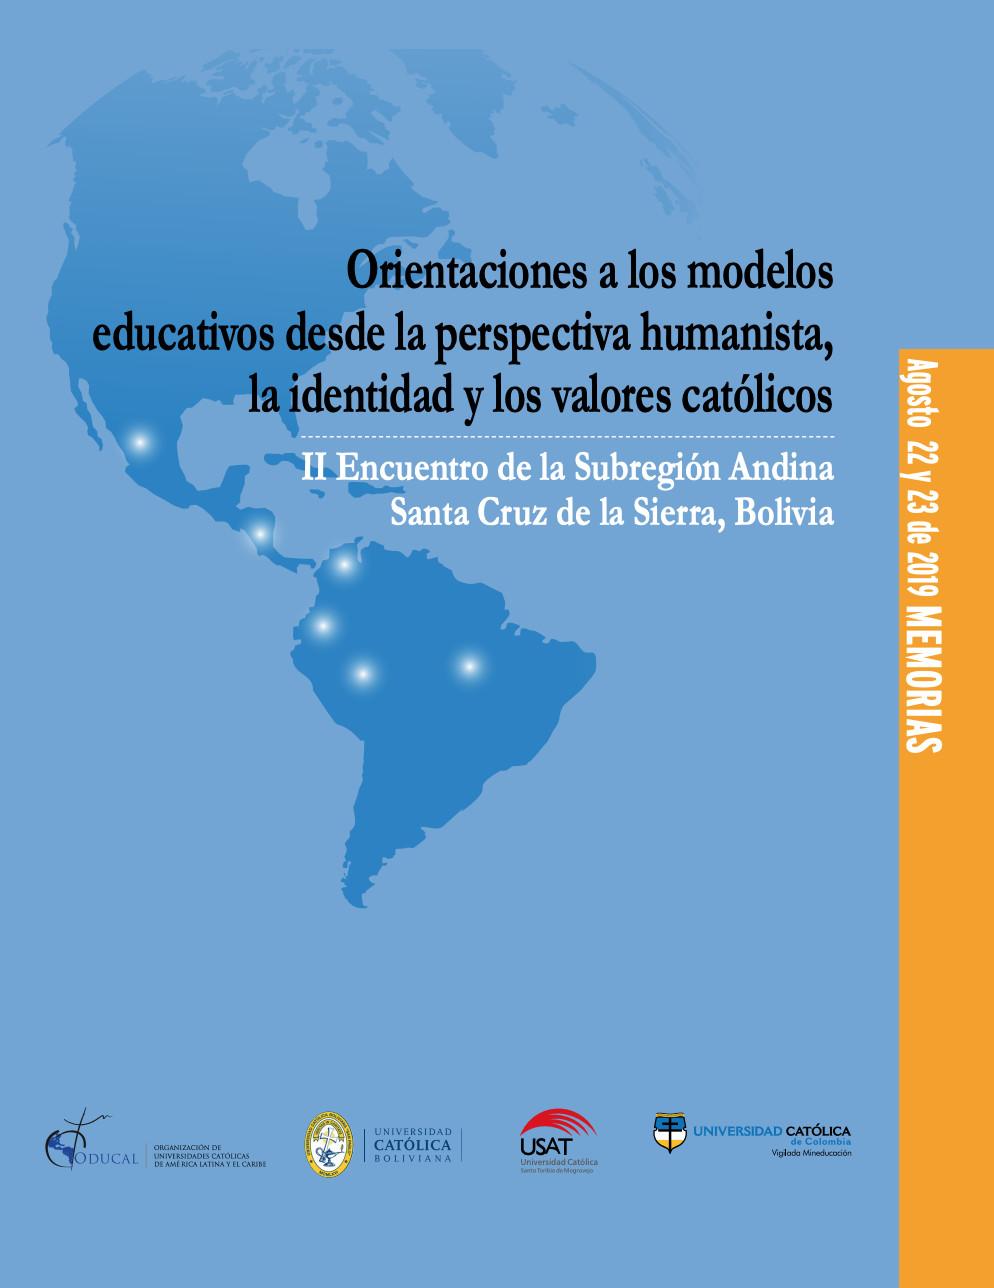 Orientaciones a los modelos educativos desde la perspectiva humanista, la identidad y los valores católicos